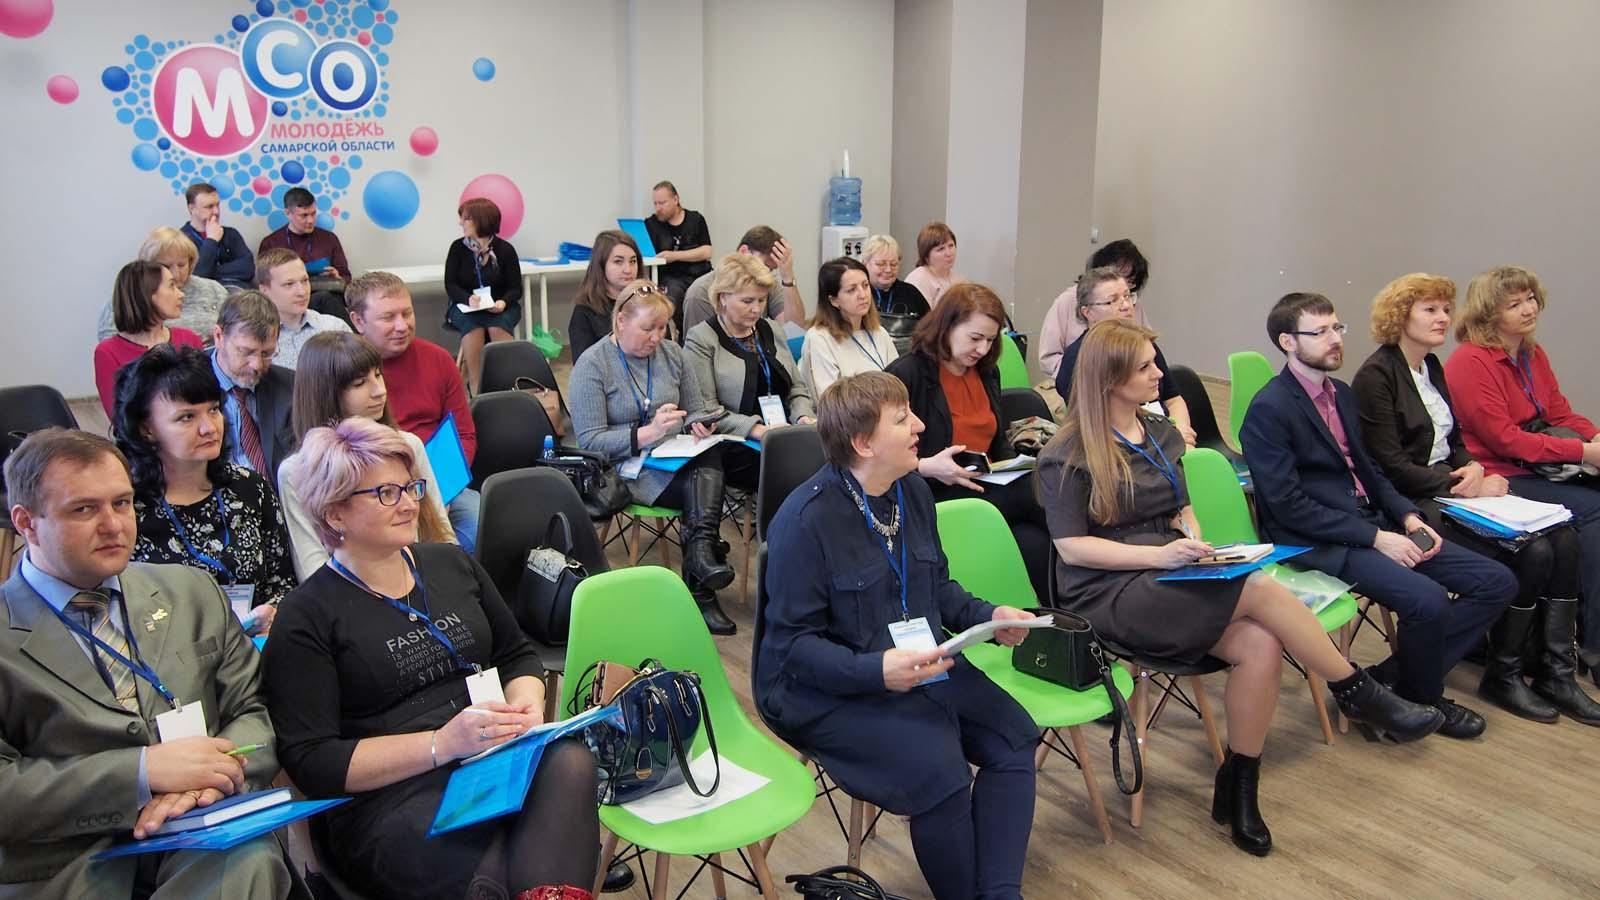 Региональная конференция оценщиков социальных проектов и программ, 10.03.2020